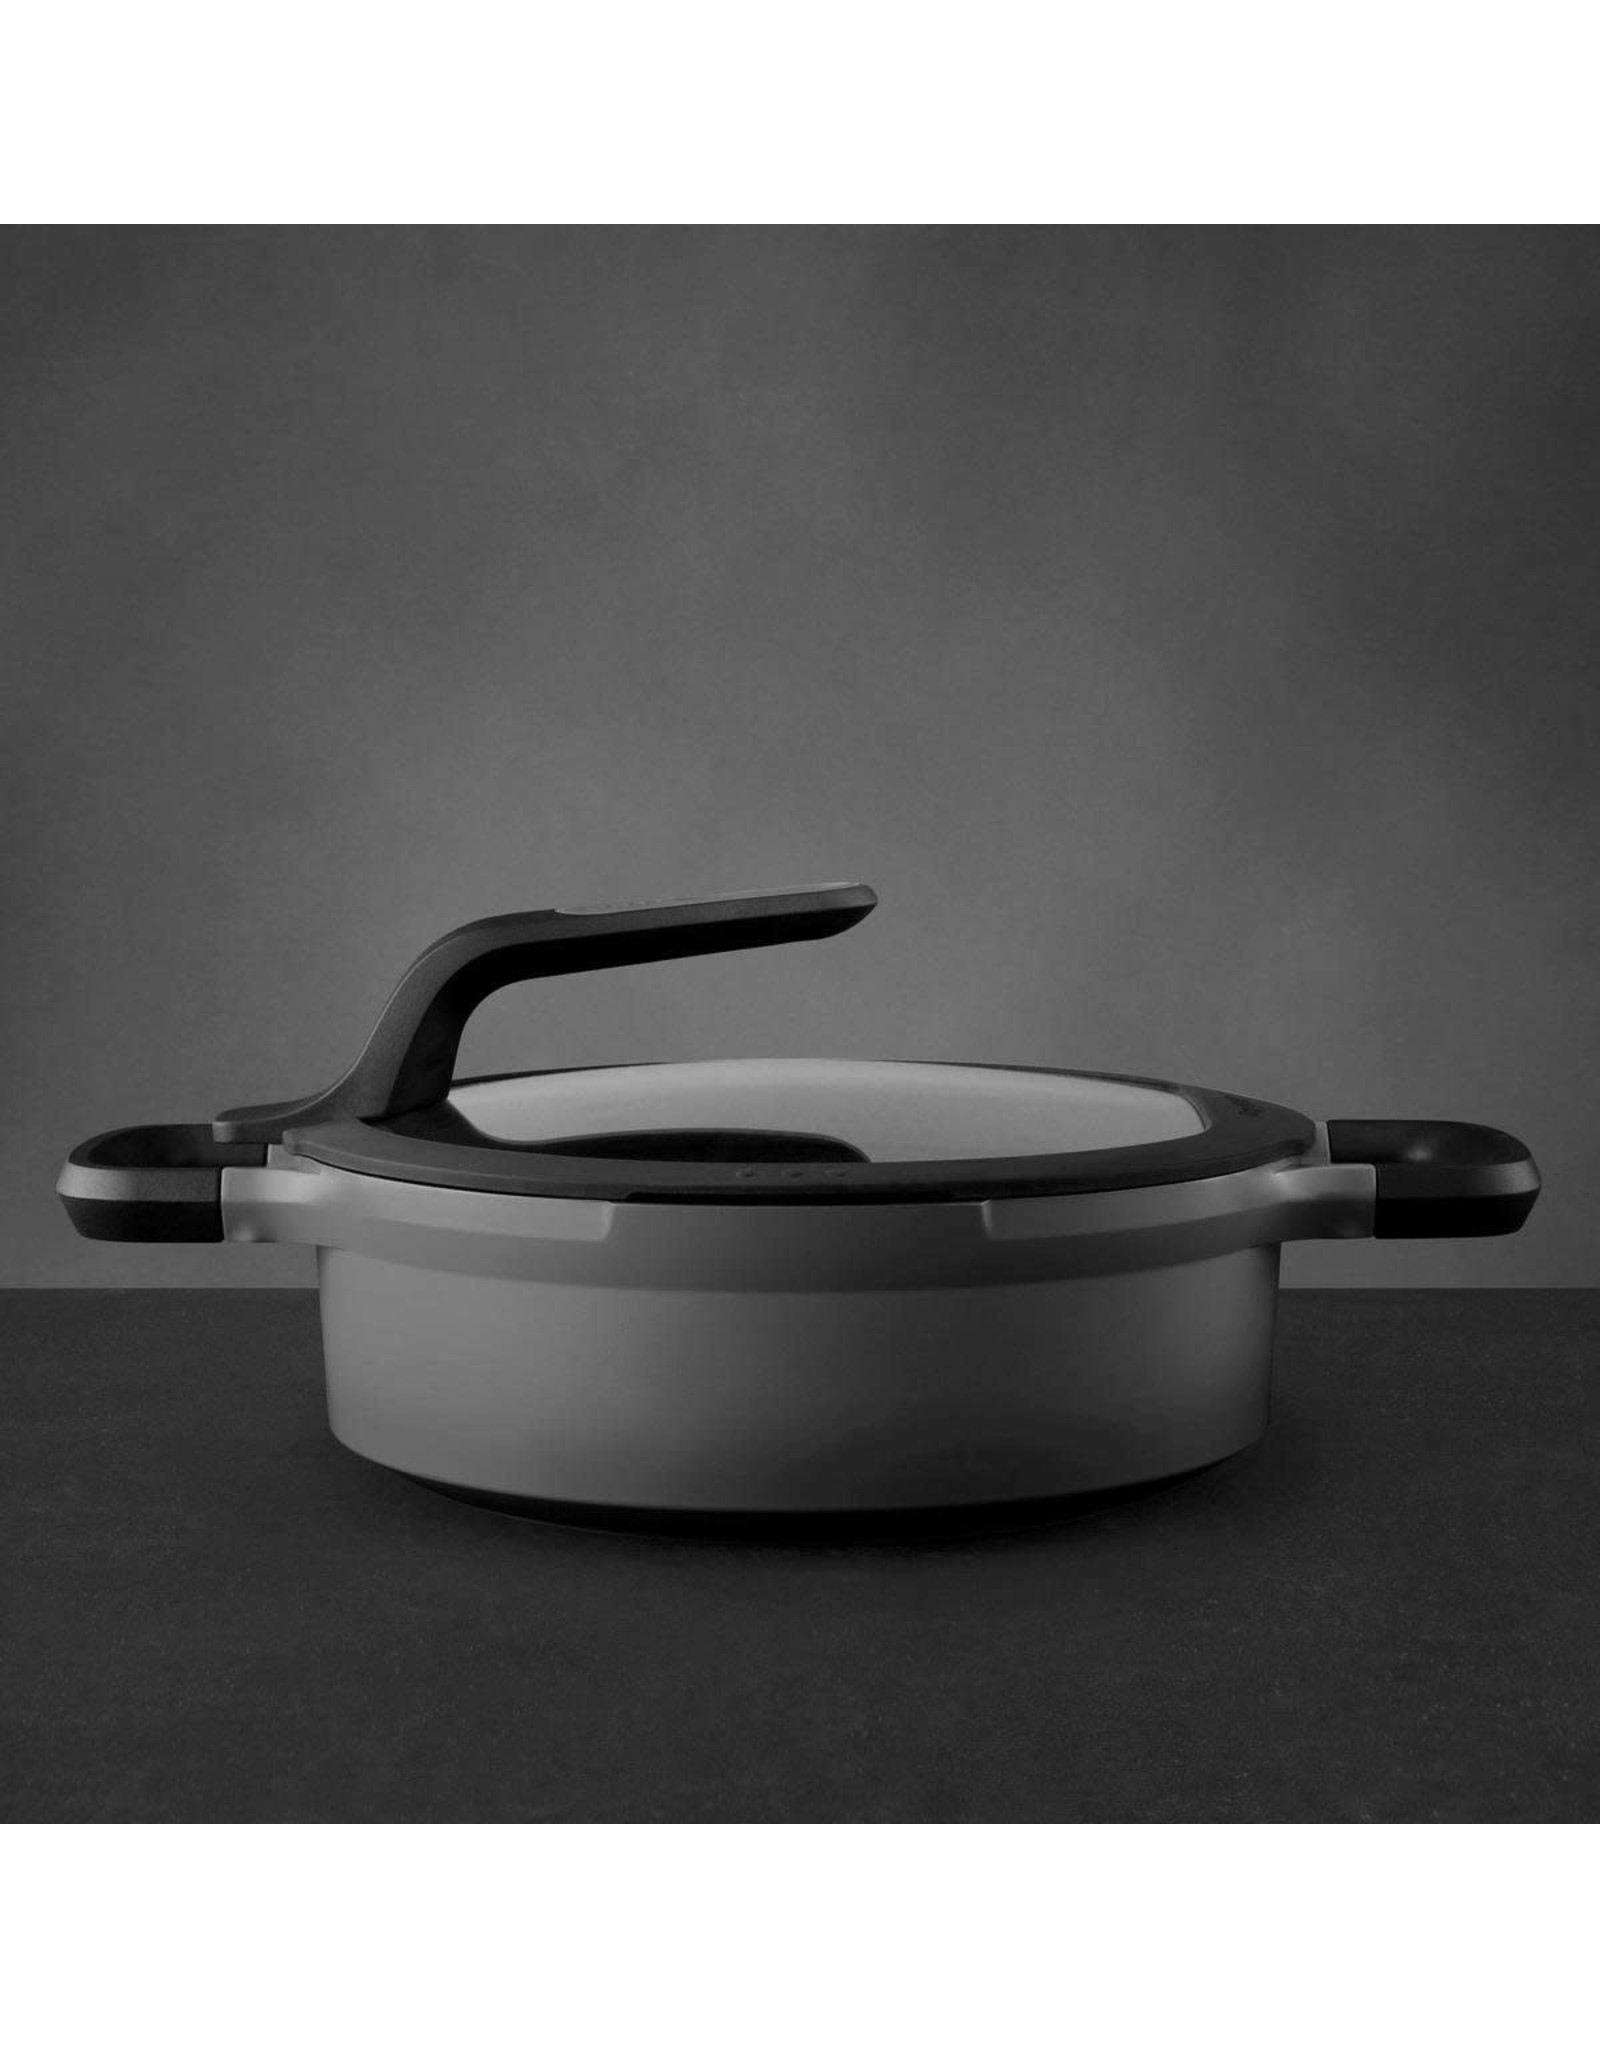 Sauteerpan 24 cm Aluminium, Grijs - BergHOFF Gem